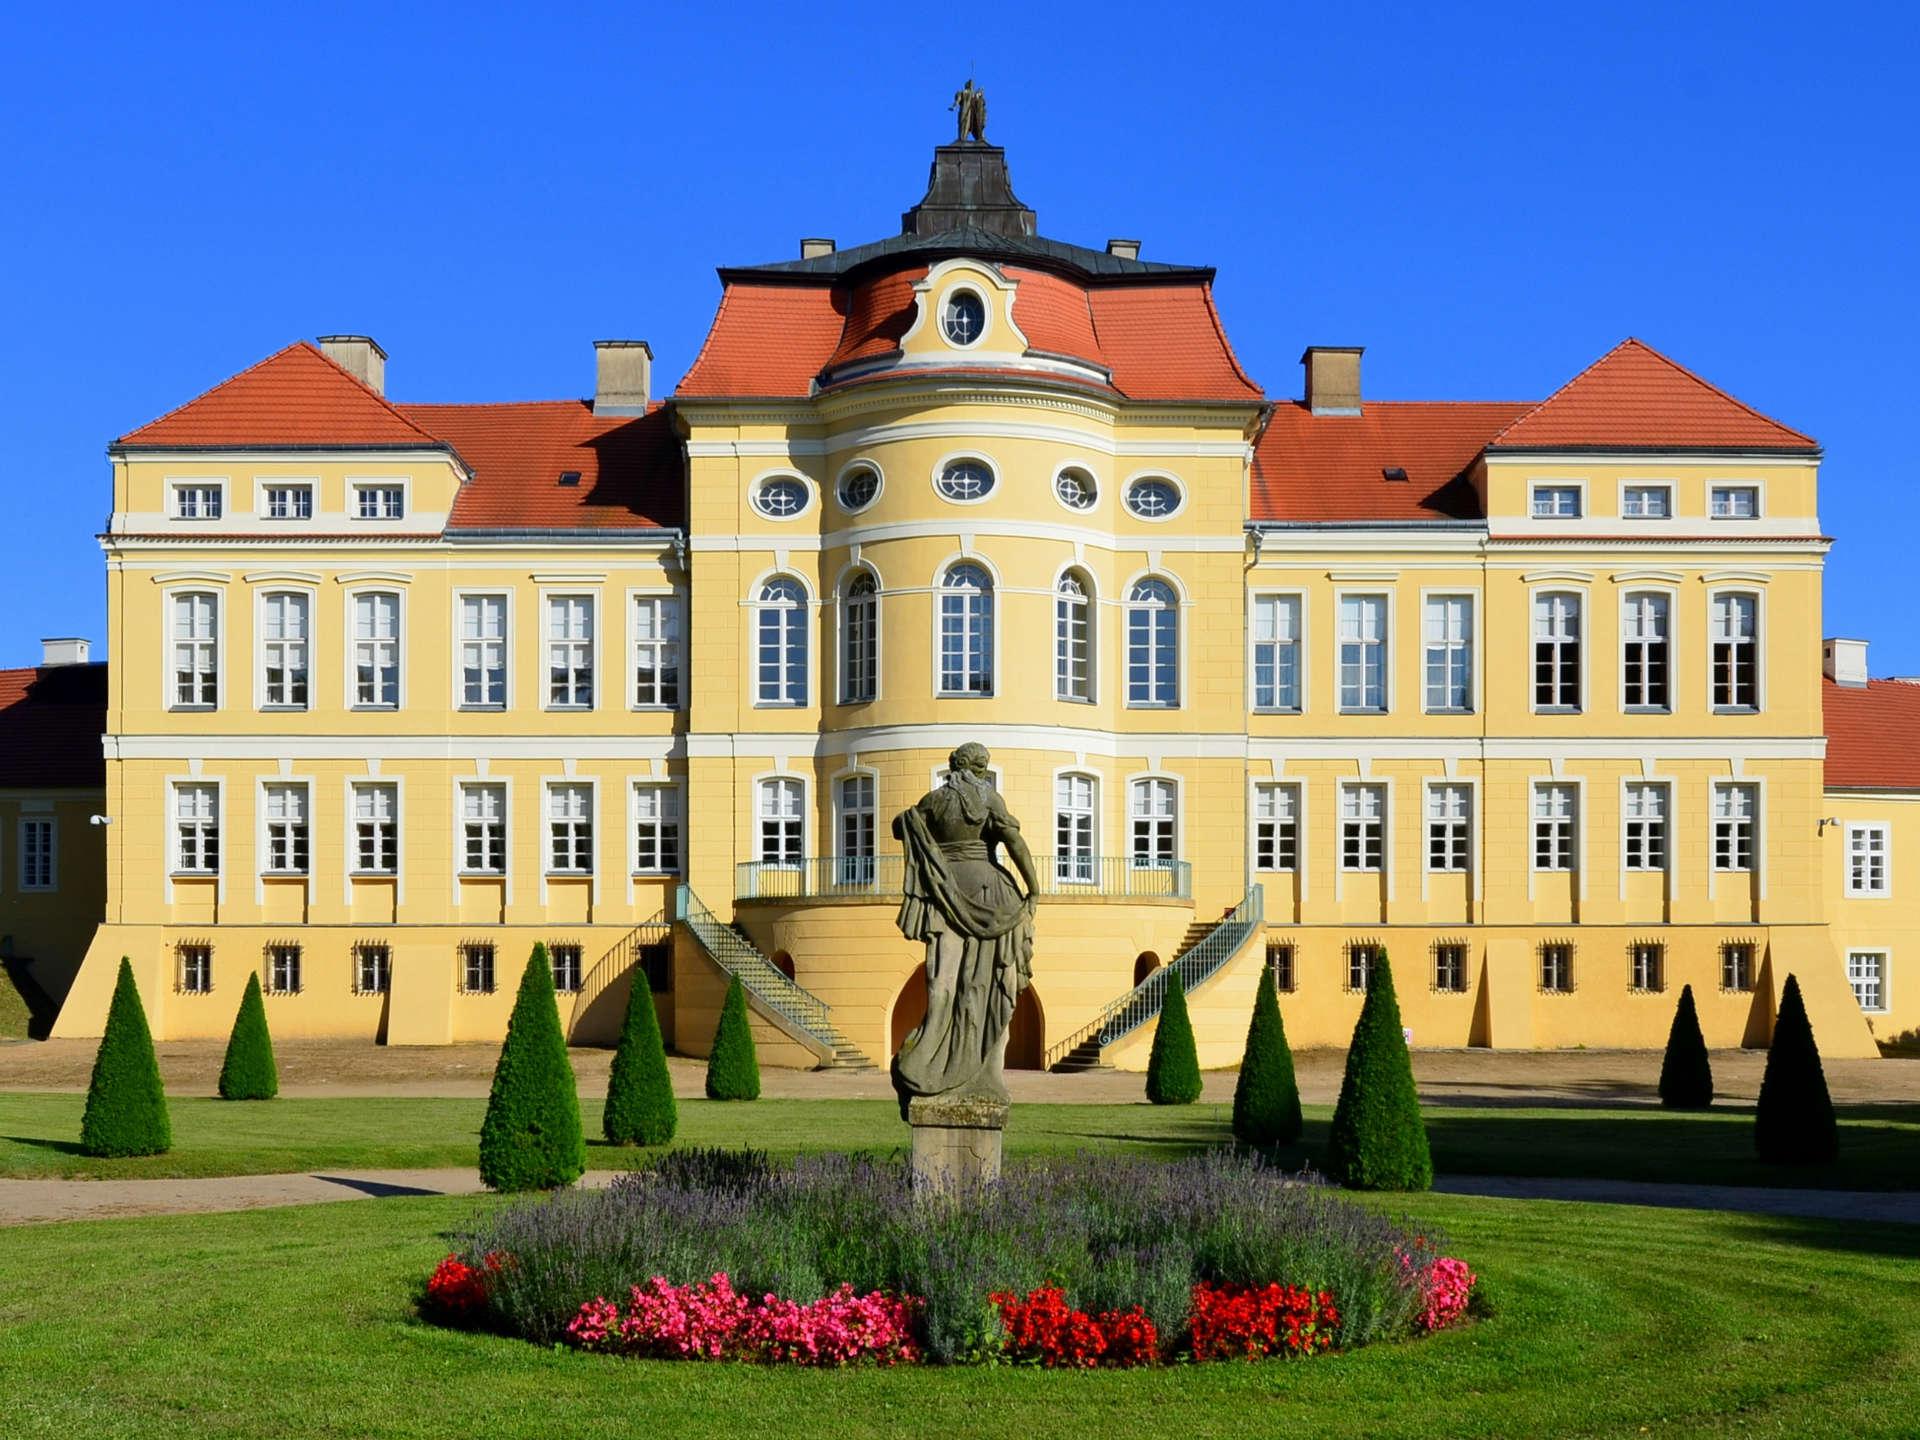 Zu sehen ist das Schloss von Rogalin, Bild: Bartosz MORĄG